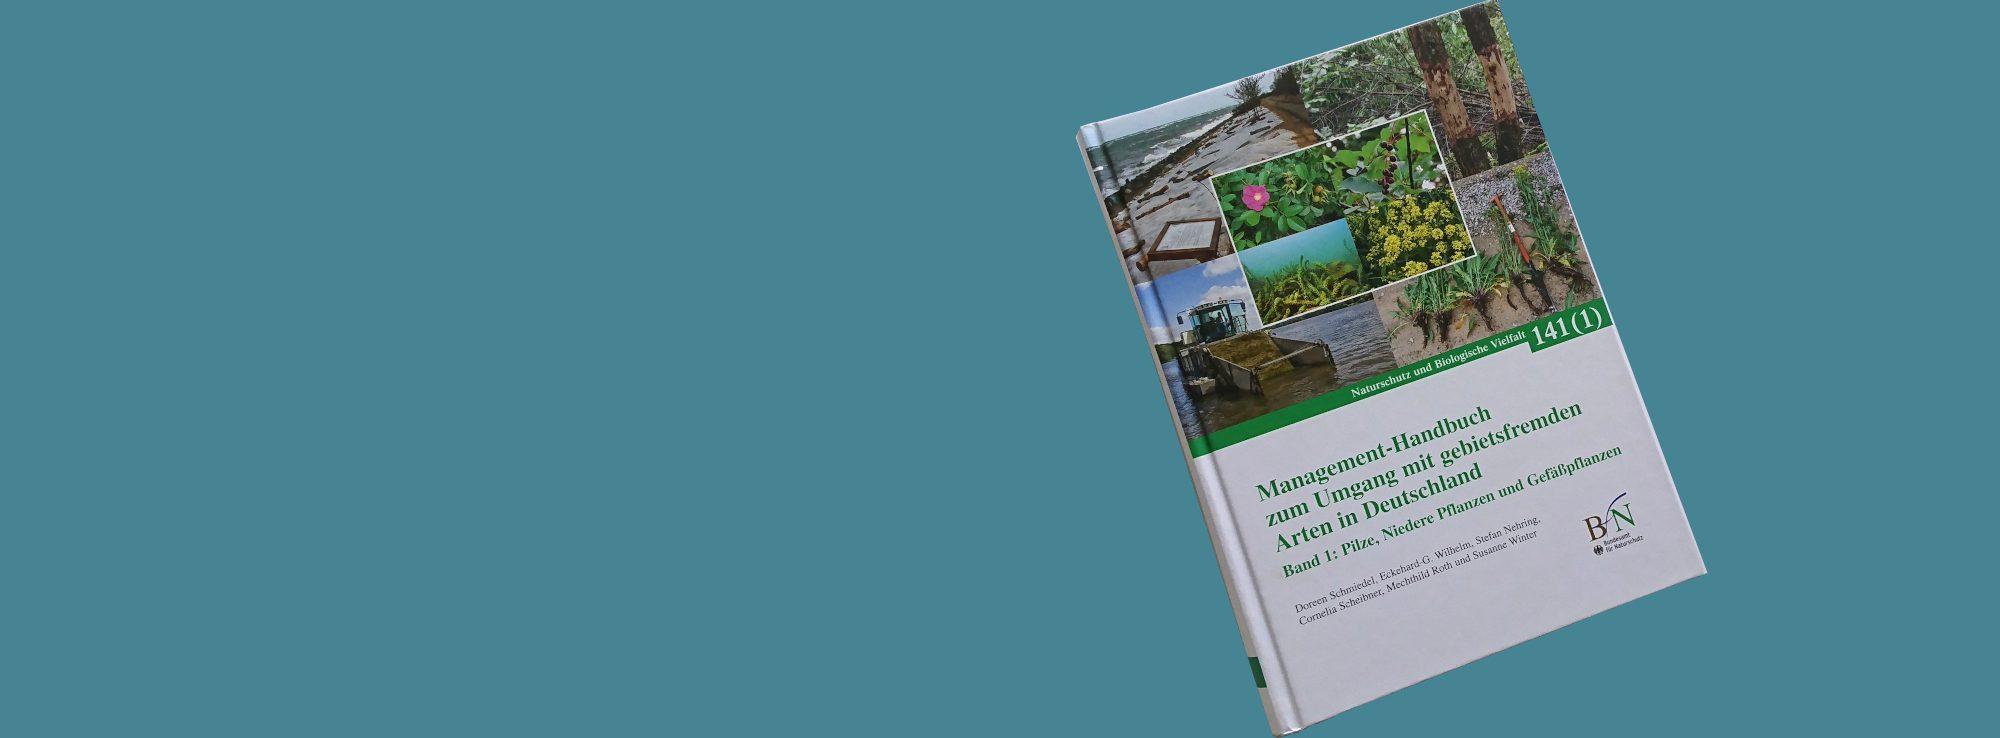 Management-Handbuch zum Umgang mit invasiven Arten